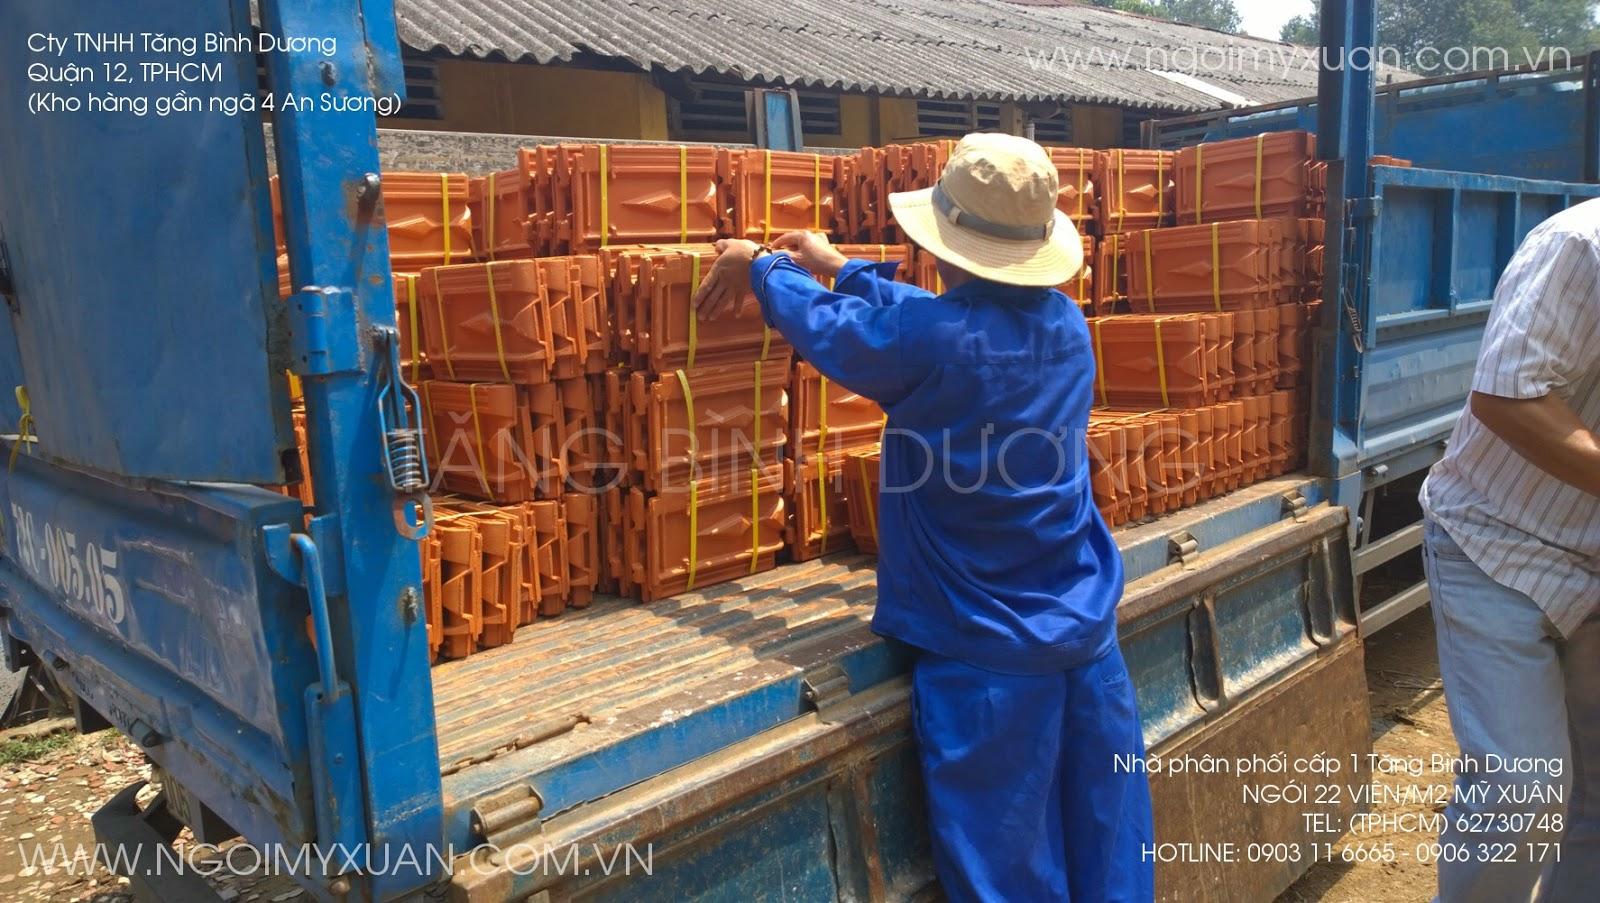 Ngói 22 Mỹ Xuân giao hàng tại kho Tăng Bình Dương